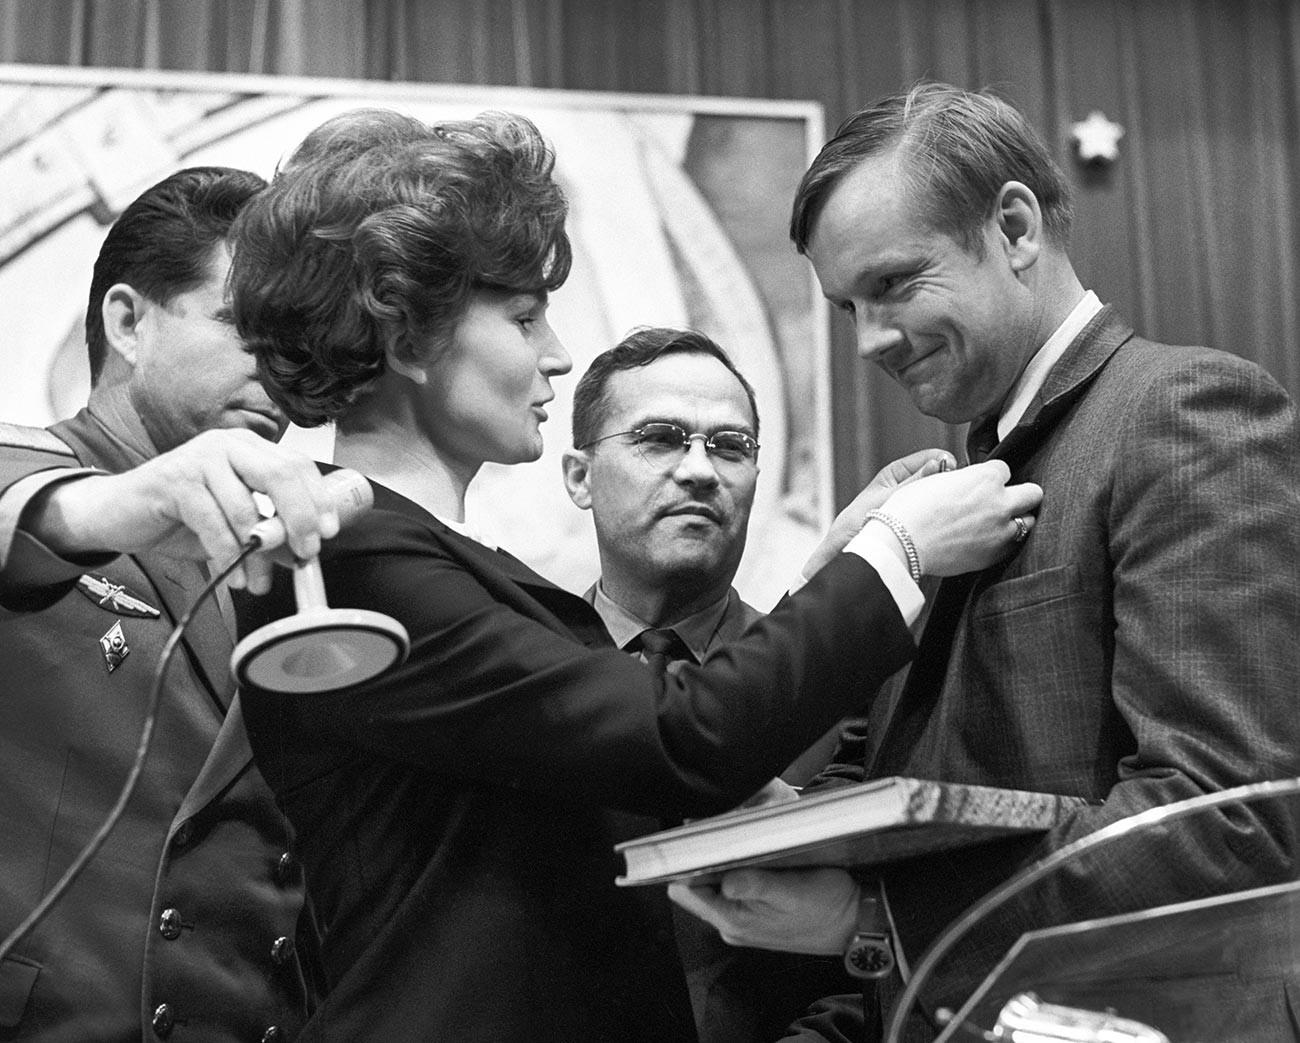 L'astronaute américain Neil Armstrong en visite à la Cité des étoiles. La première femme dans l'espace Valentina Terechkova lui offre un souvenir.